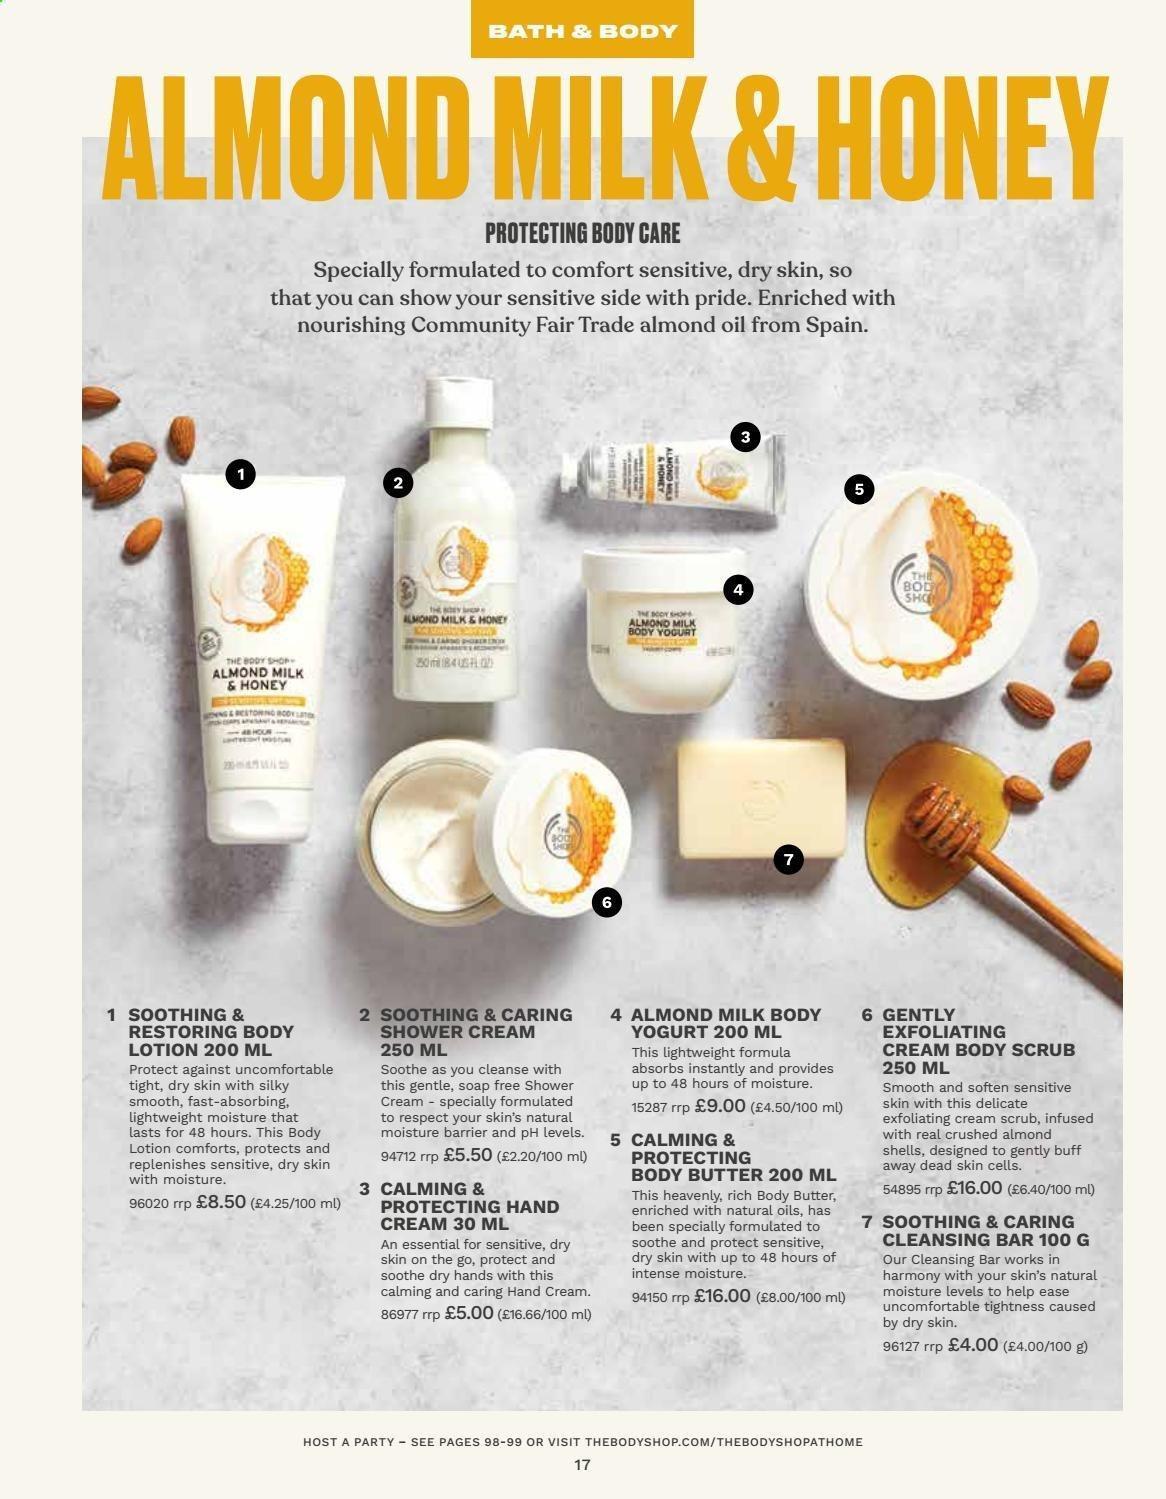 Các loại dưỡng da cò mùi hương Almond Milk and Honey (nguồn: Internet)